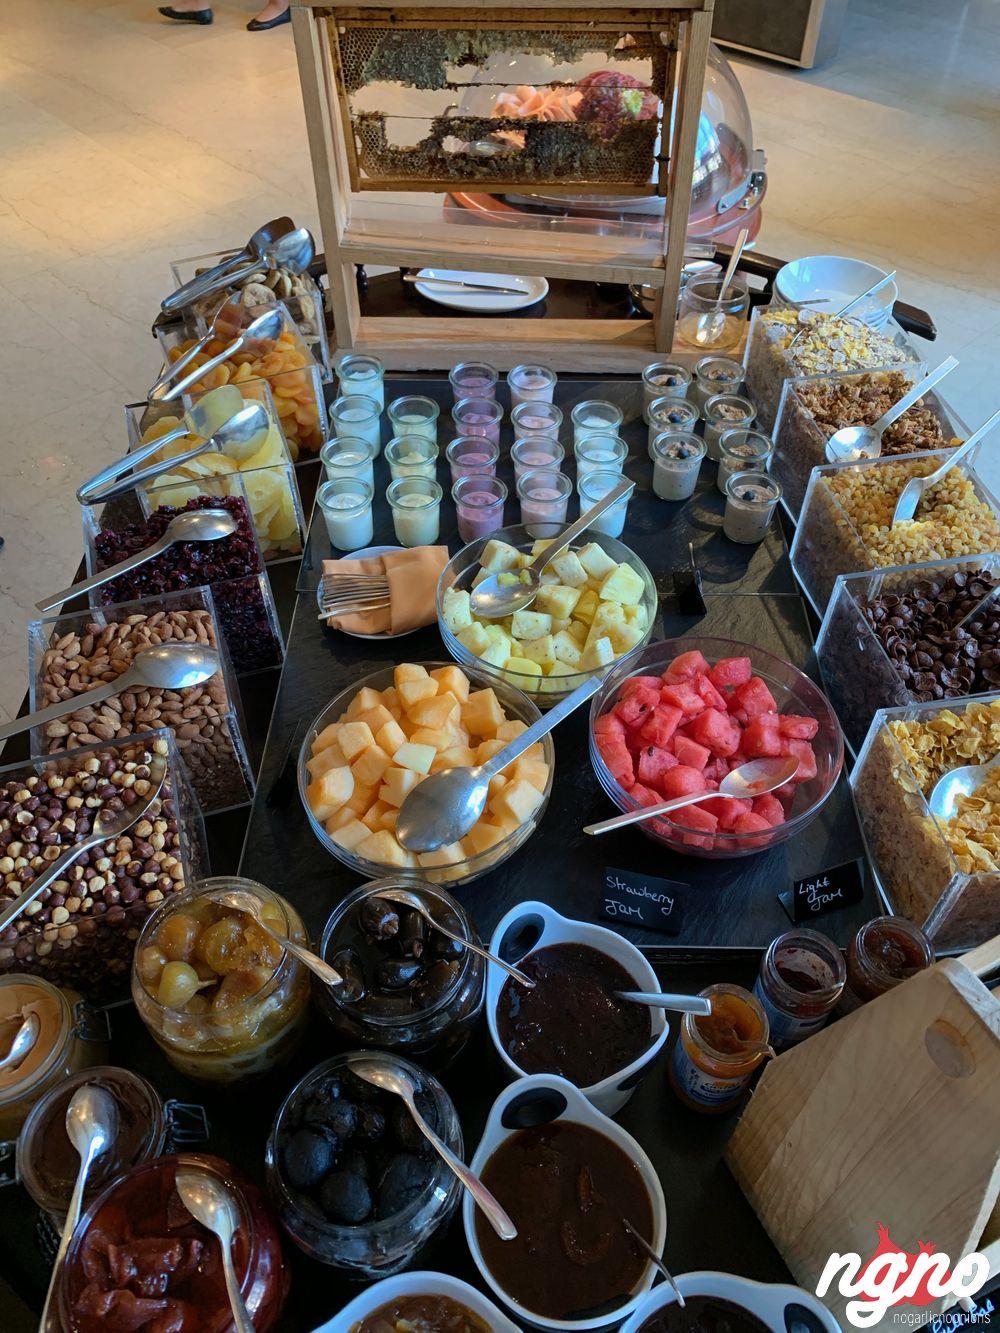 kempinski-breakfast-beirut-nogarlicnoonions-1002019-07-01-09-11-23